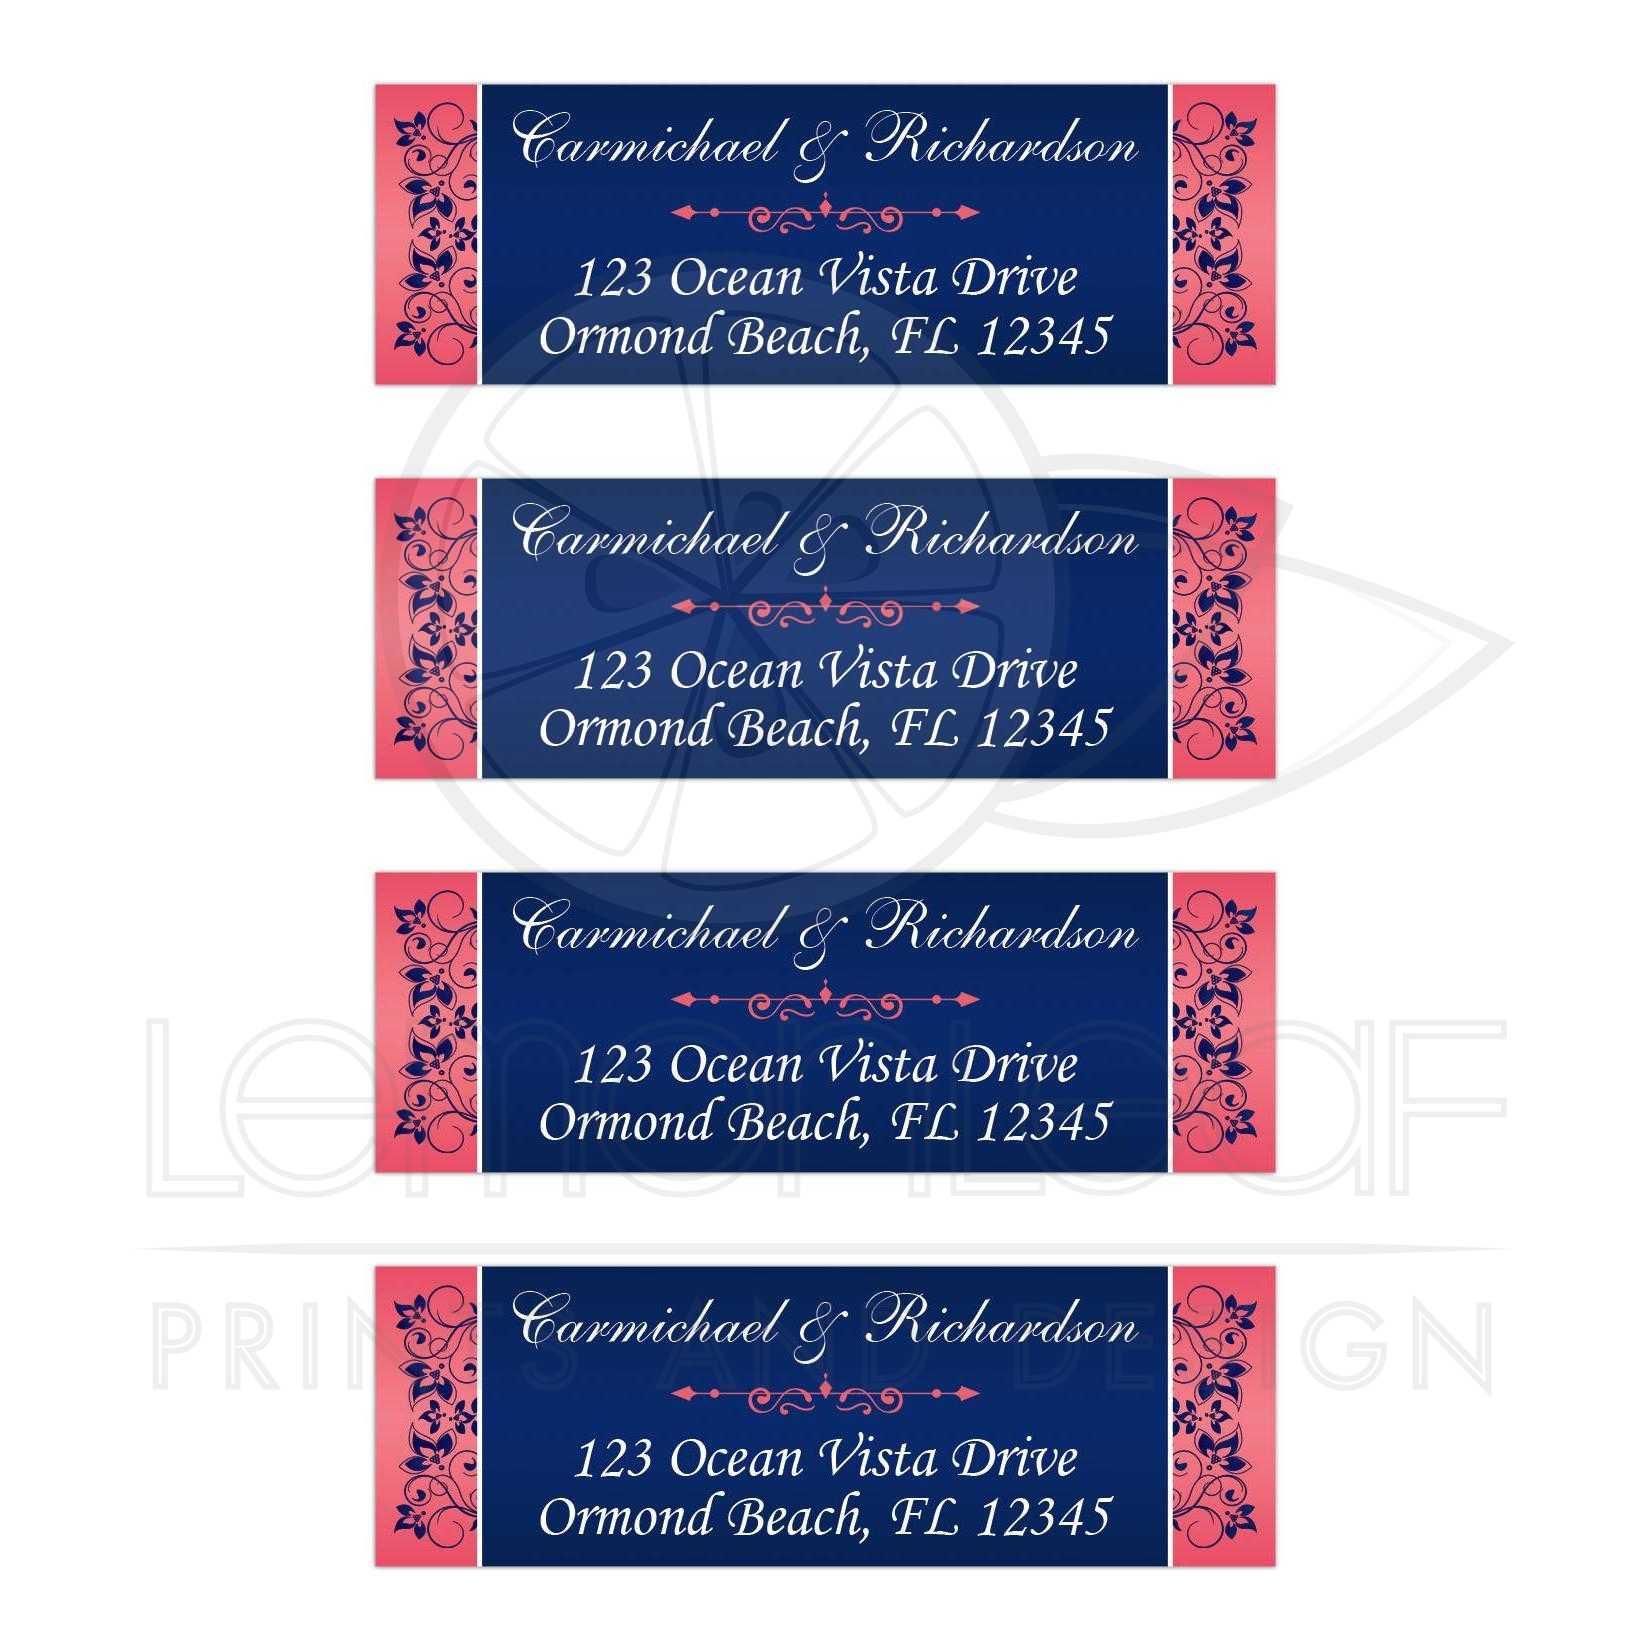 coral pink navy blue white floral return address mailing labels